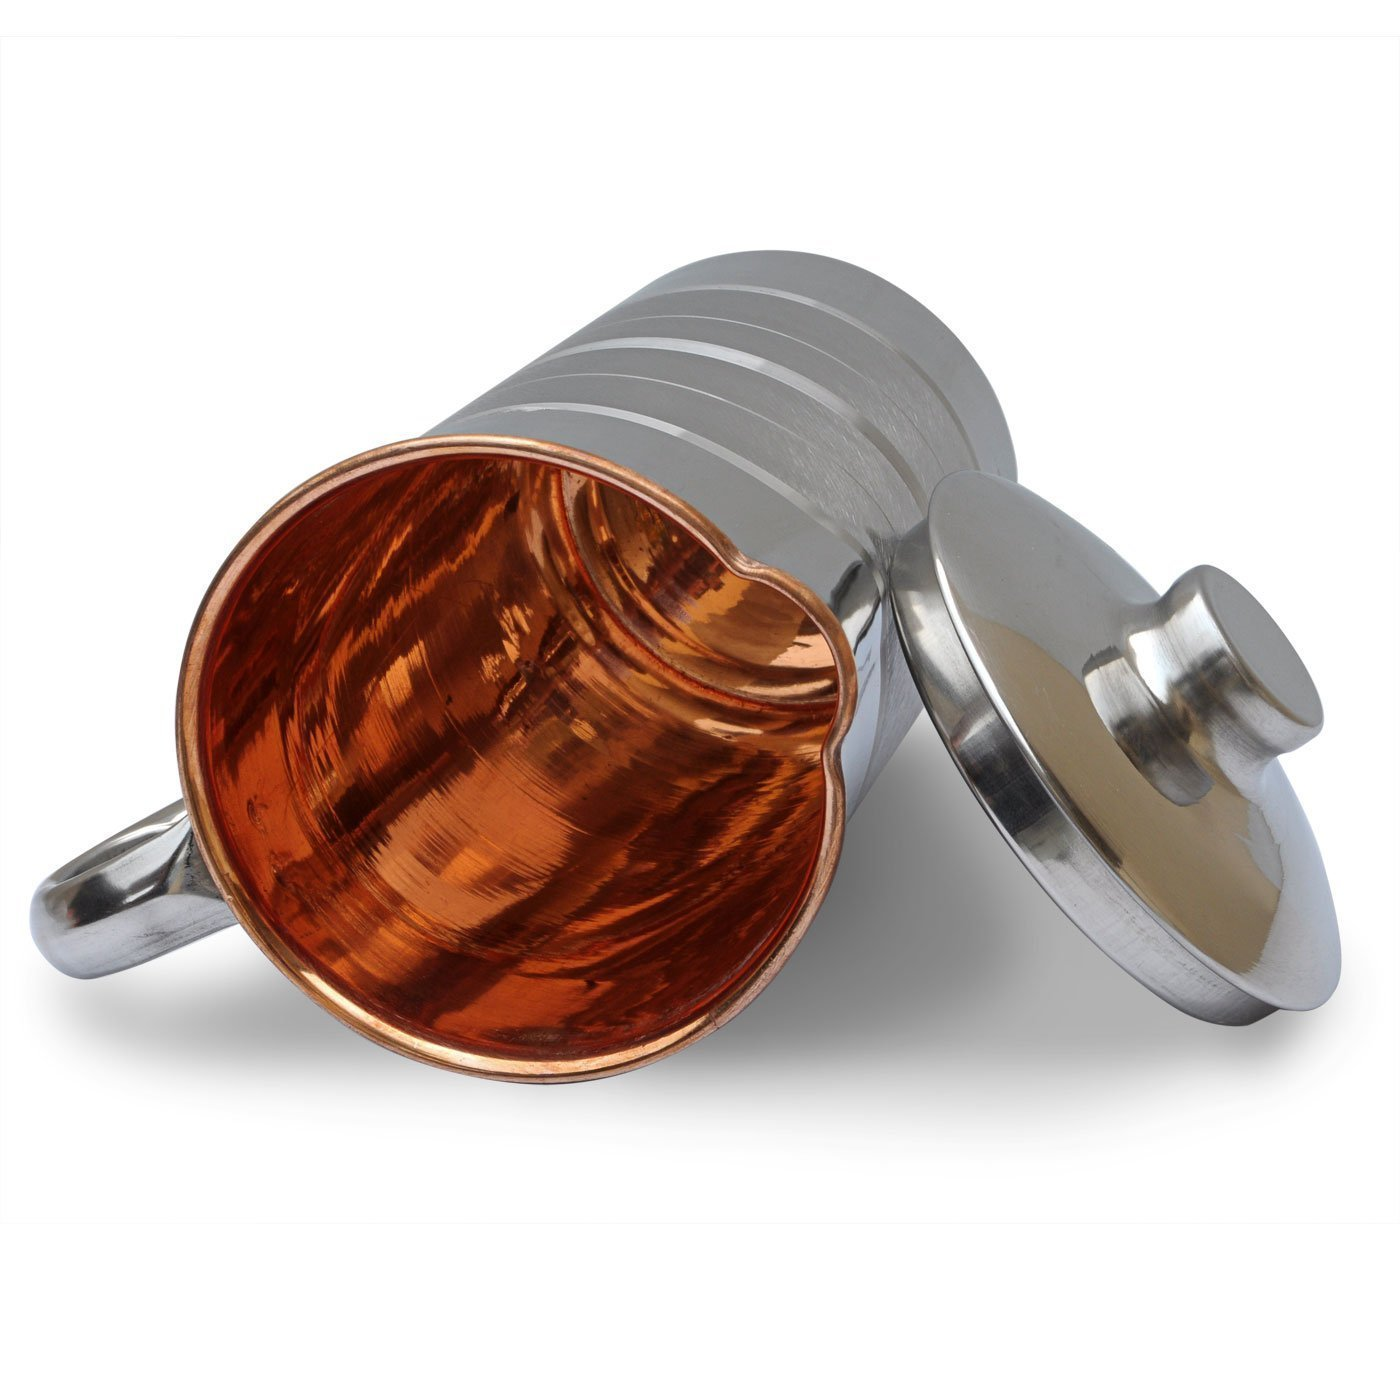 buena calidad y tama/ño perfecto ROYAL SAPPHIRE Jarra de cobre hecha a mano de acero de 1500 ml